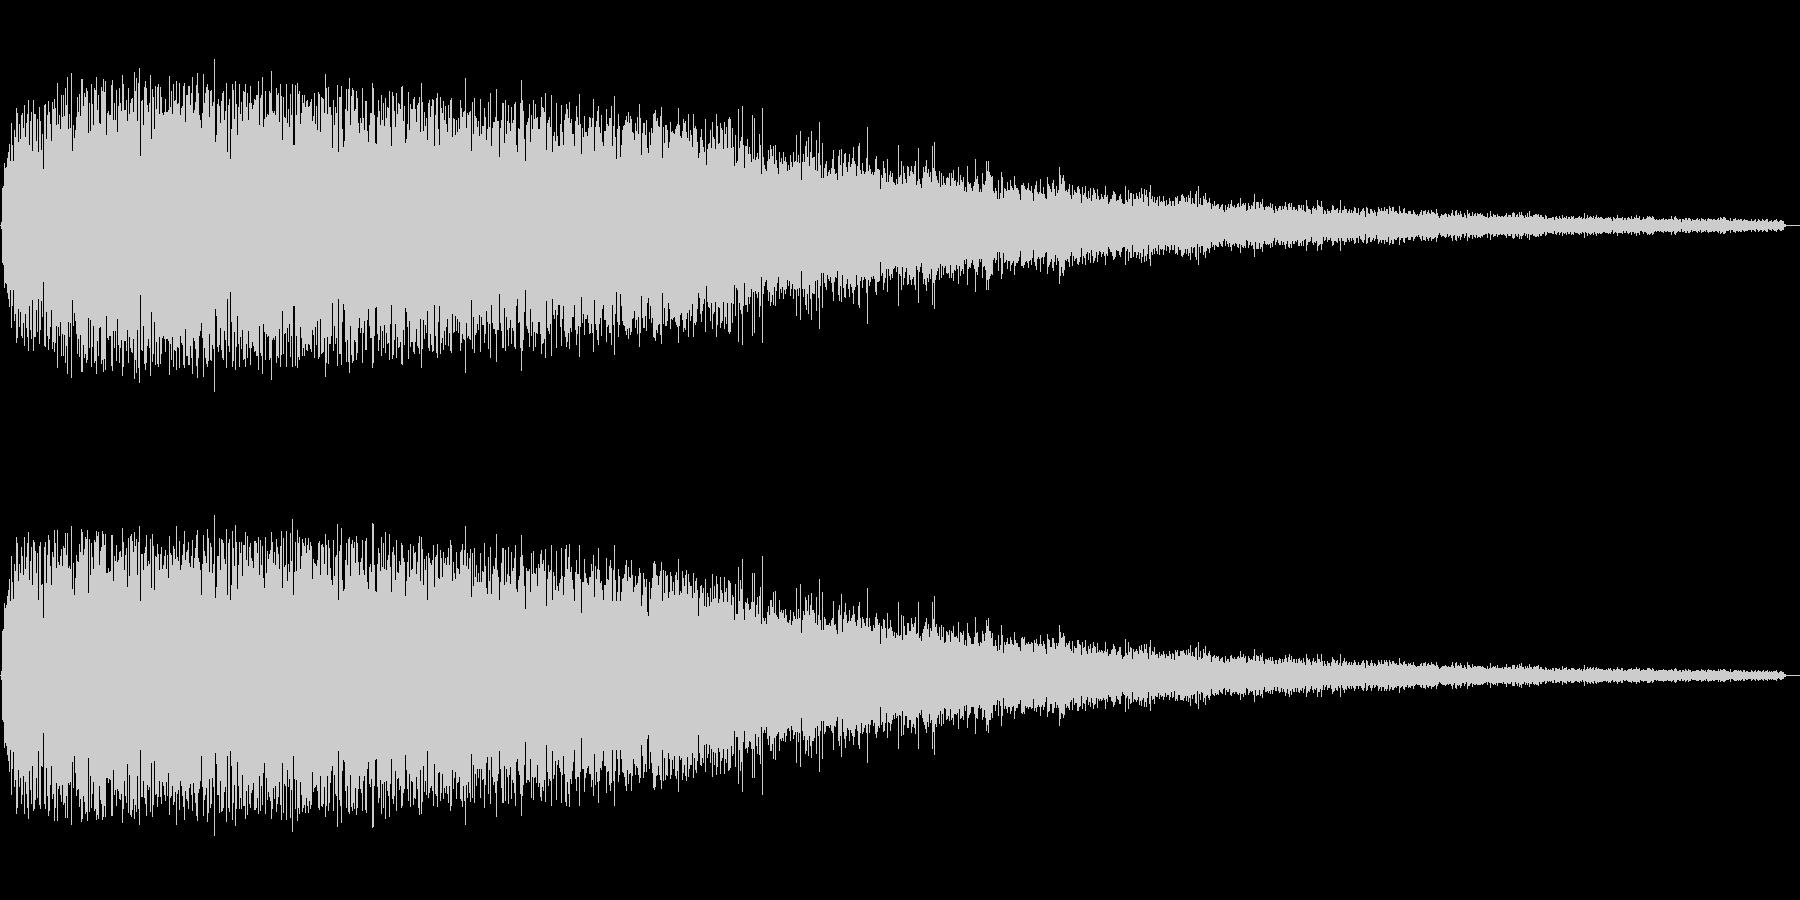 ザザザーと段々と小さくなるノイズ音の未再生の波形